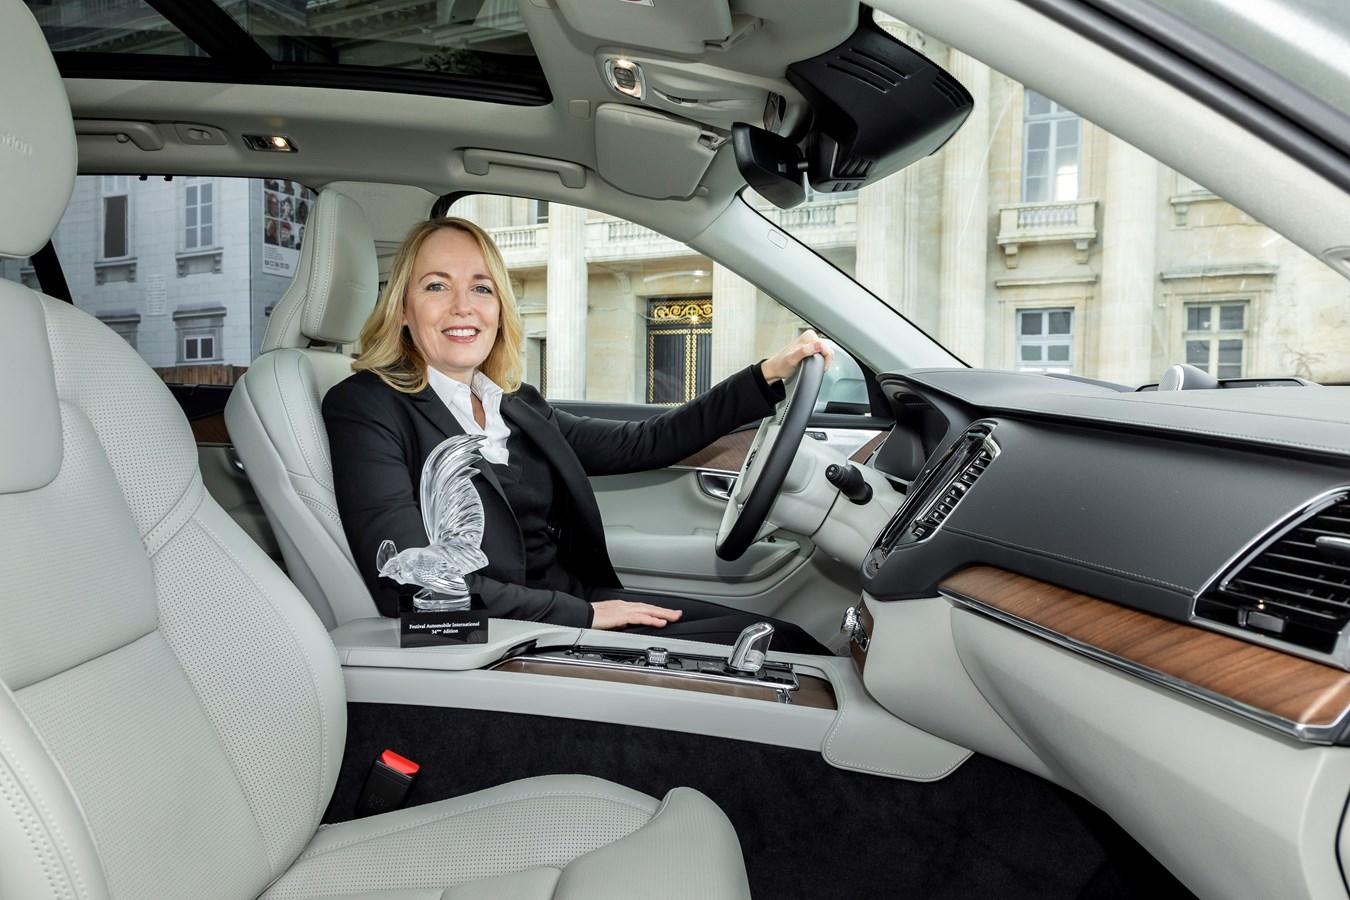 Tisha Johnson reçoit le Grand Prix du Design lors du Festival Automobile International pour son travail à la tête du département Design Intérieur de Volvo Car Group